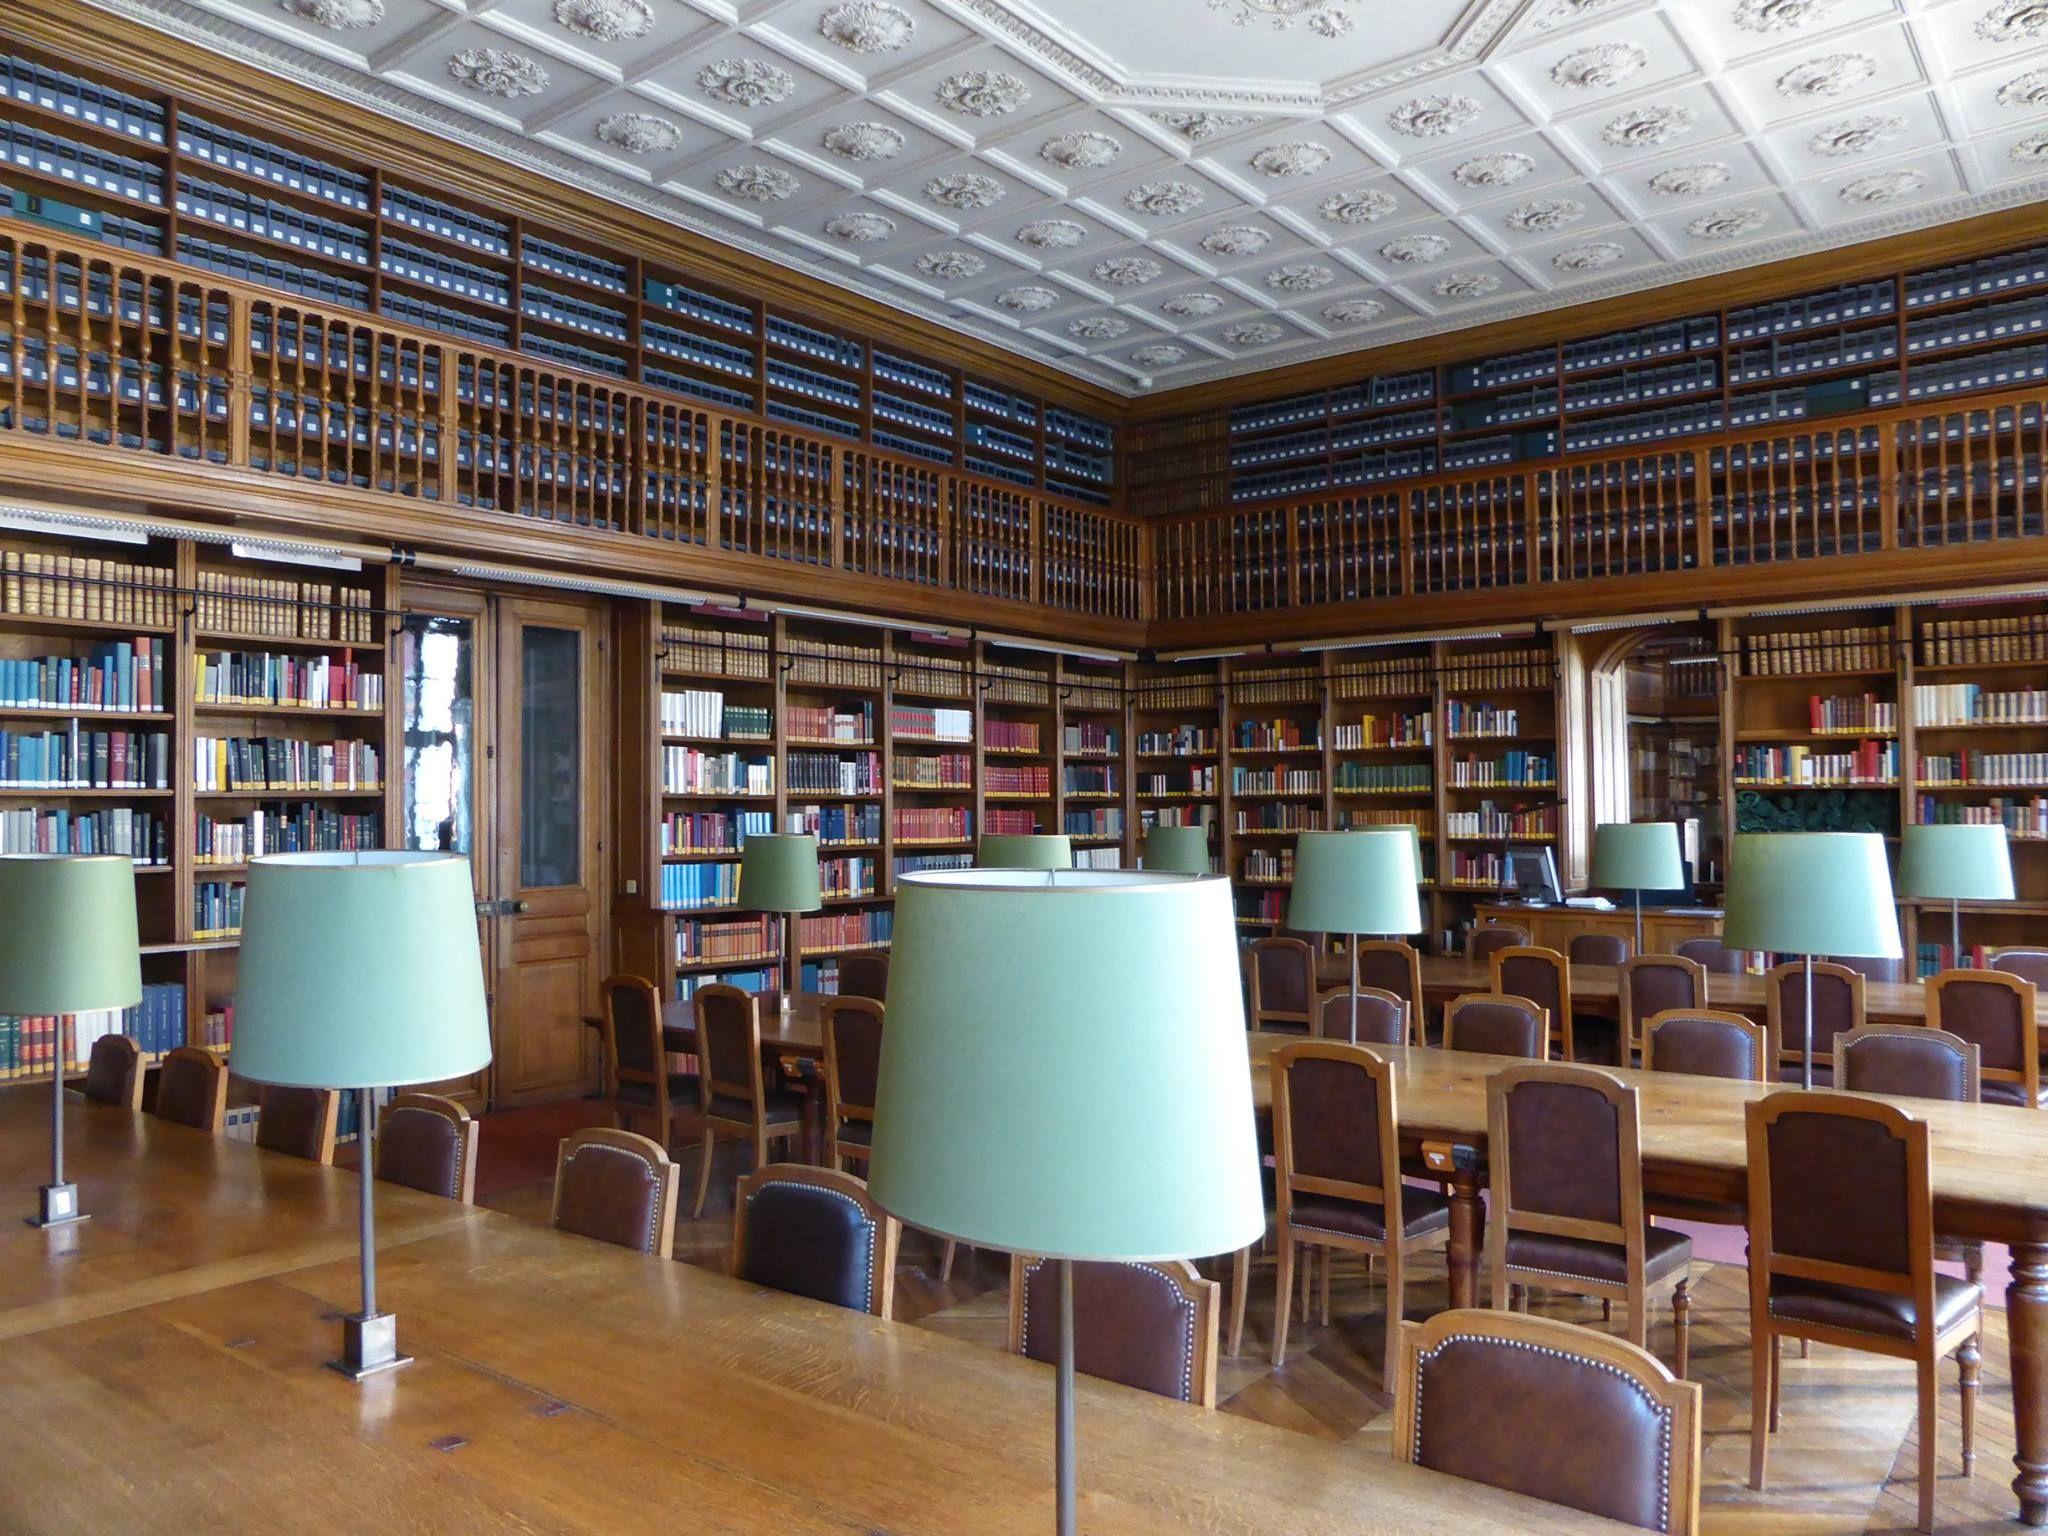 Bibliotheque De L Arsenal Salle De Lecture Paris 4eme Salle De Lecture Paris Bibliotheque